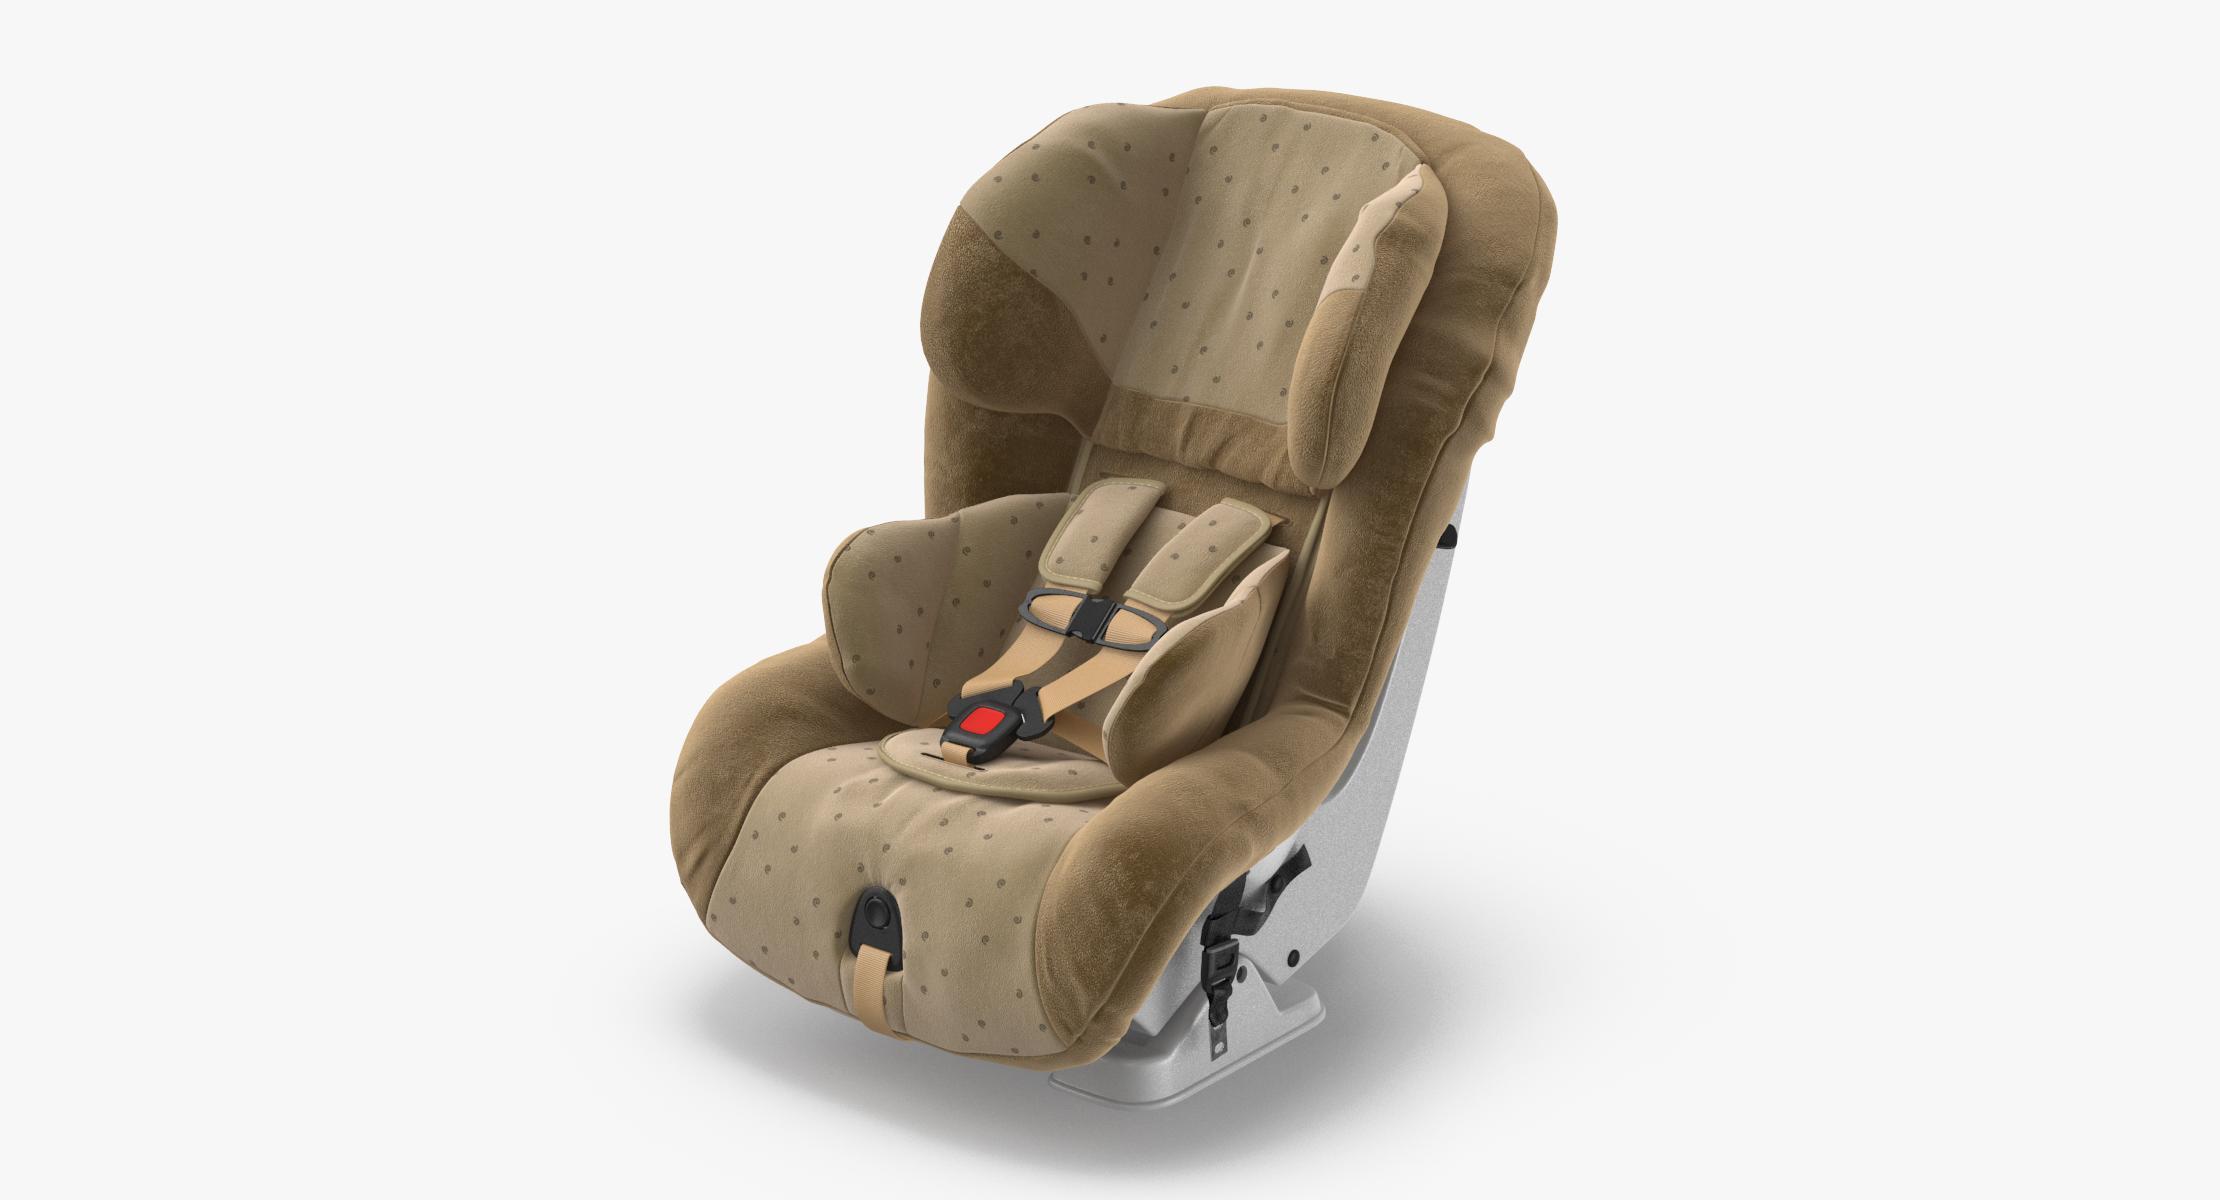 Child Car Seat - reel 1